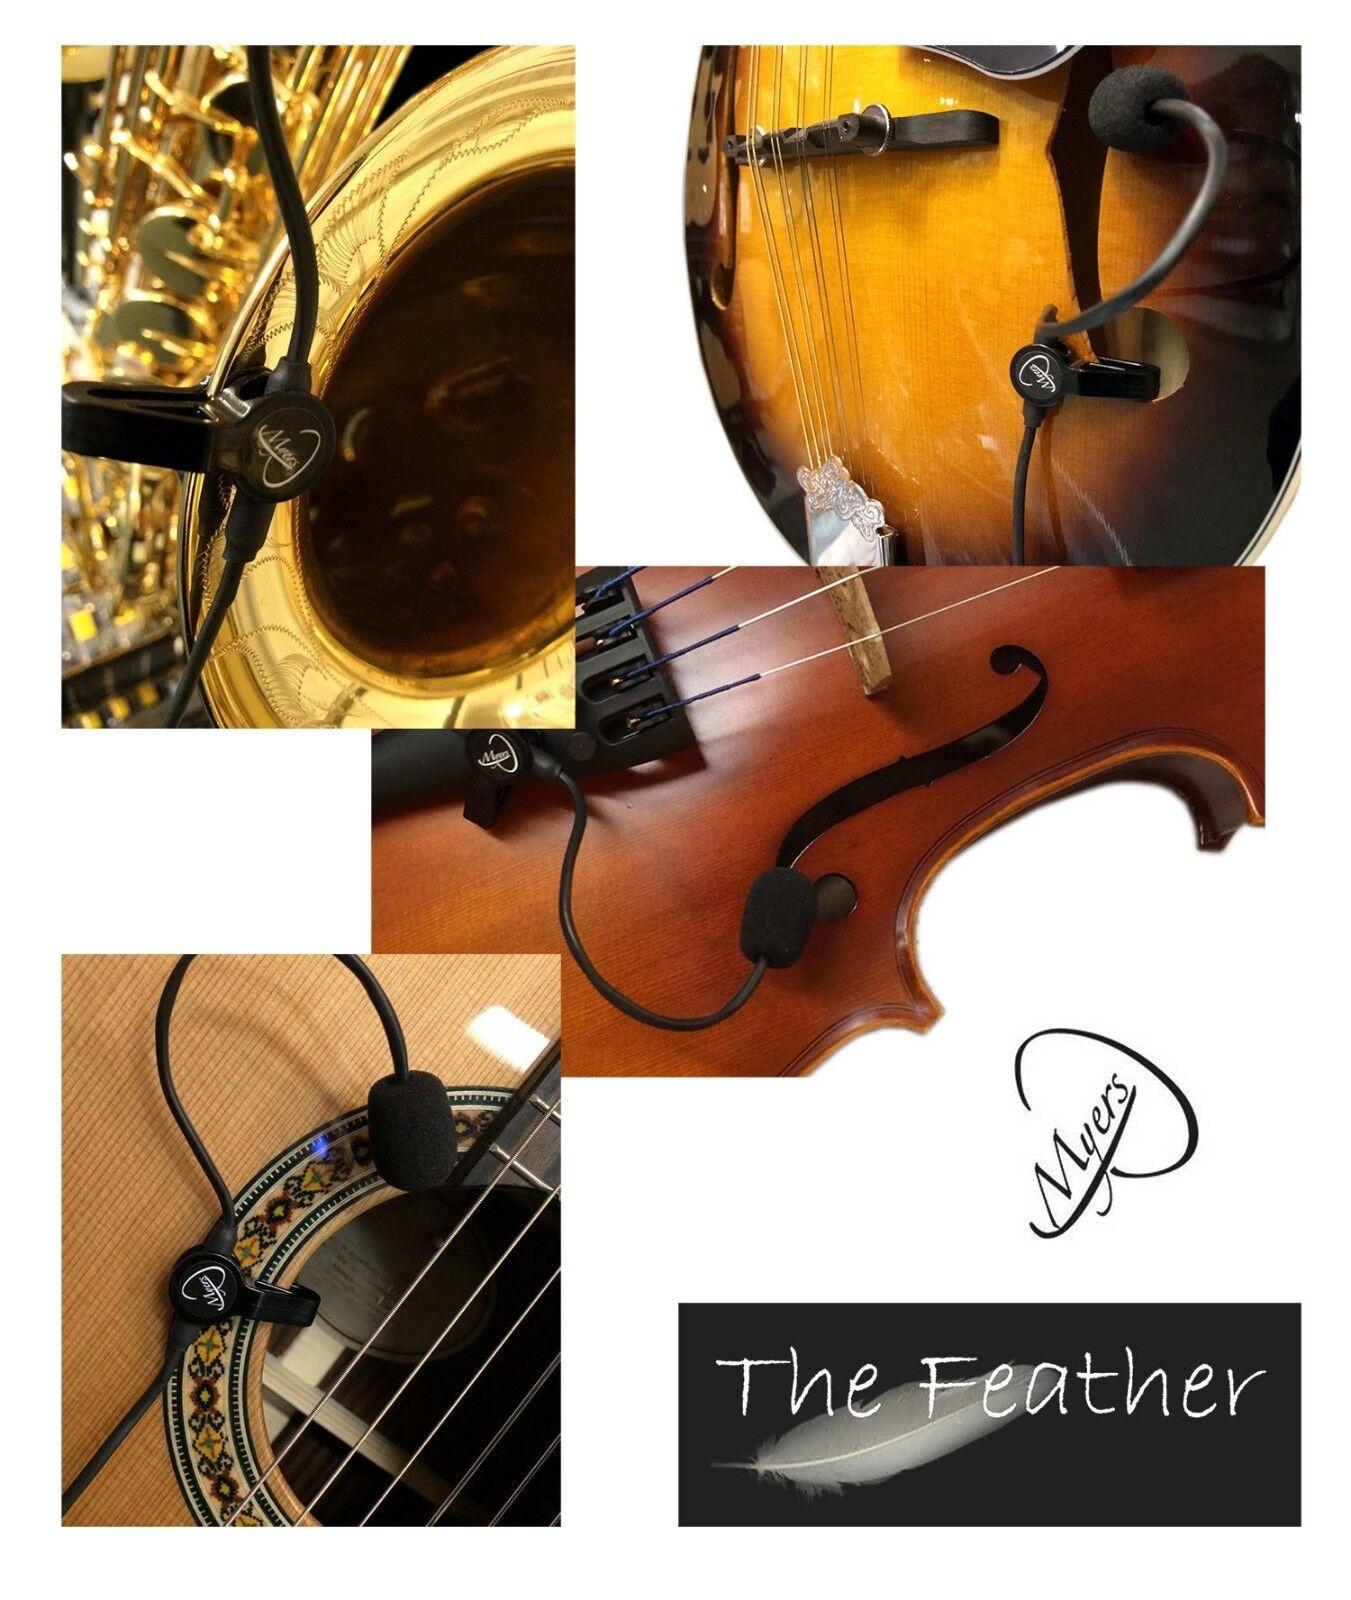 Micrófono Curtal  la pluma pluma pluma - 2  sistema de micrófono por Pastillas Myers 4dc469